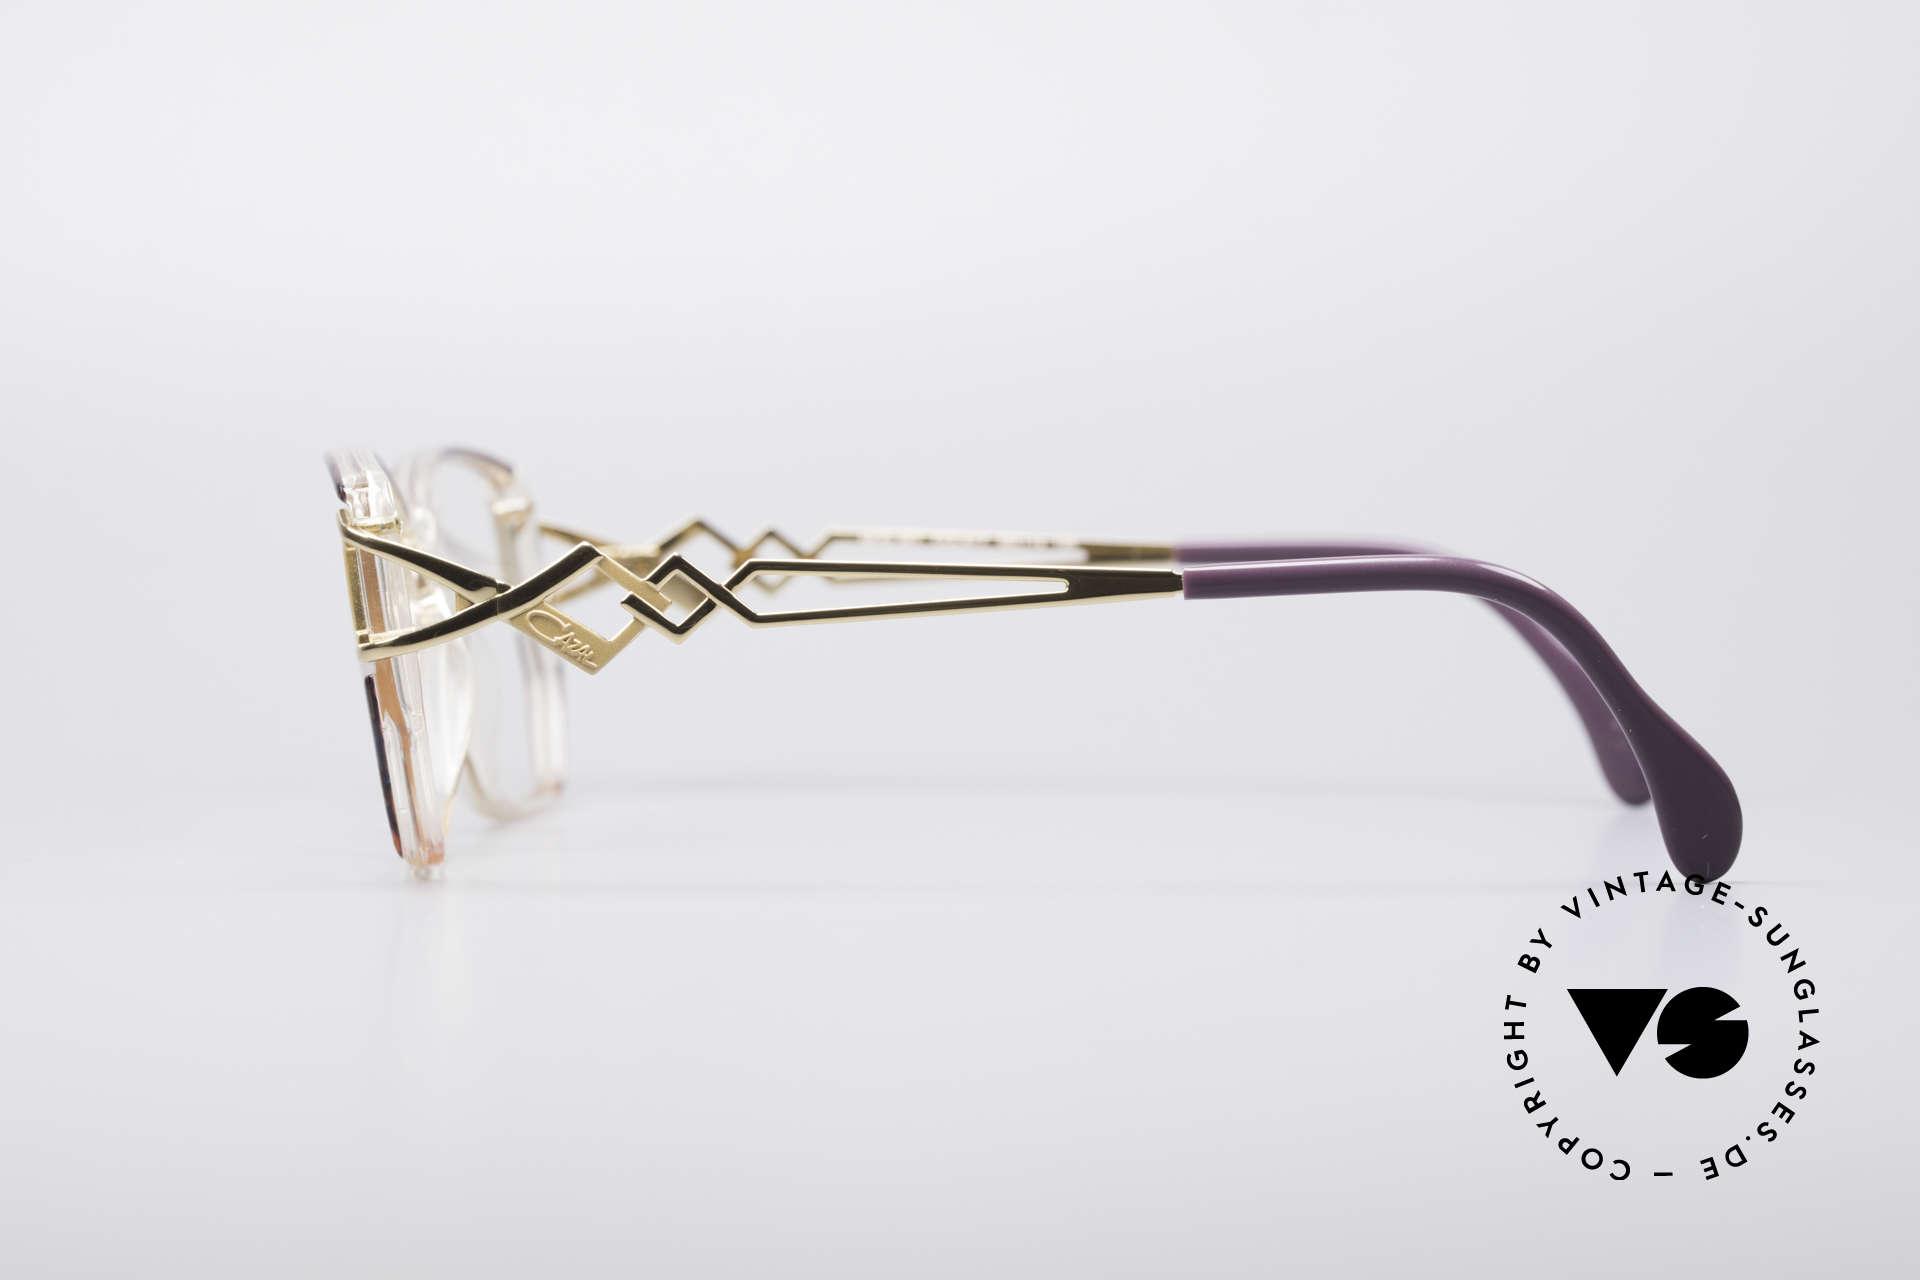 cf7e19d0bf Brillen Cazal 367 90er Vintage Designerbrille